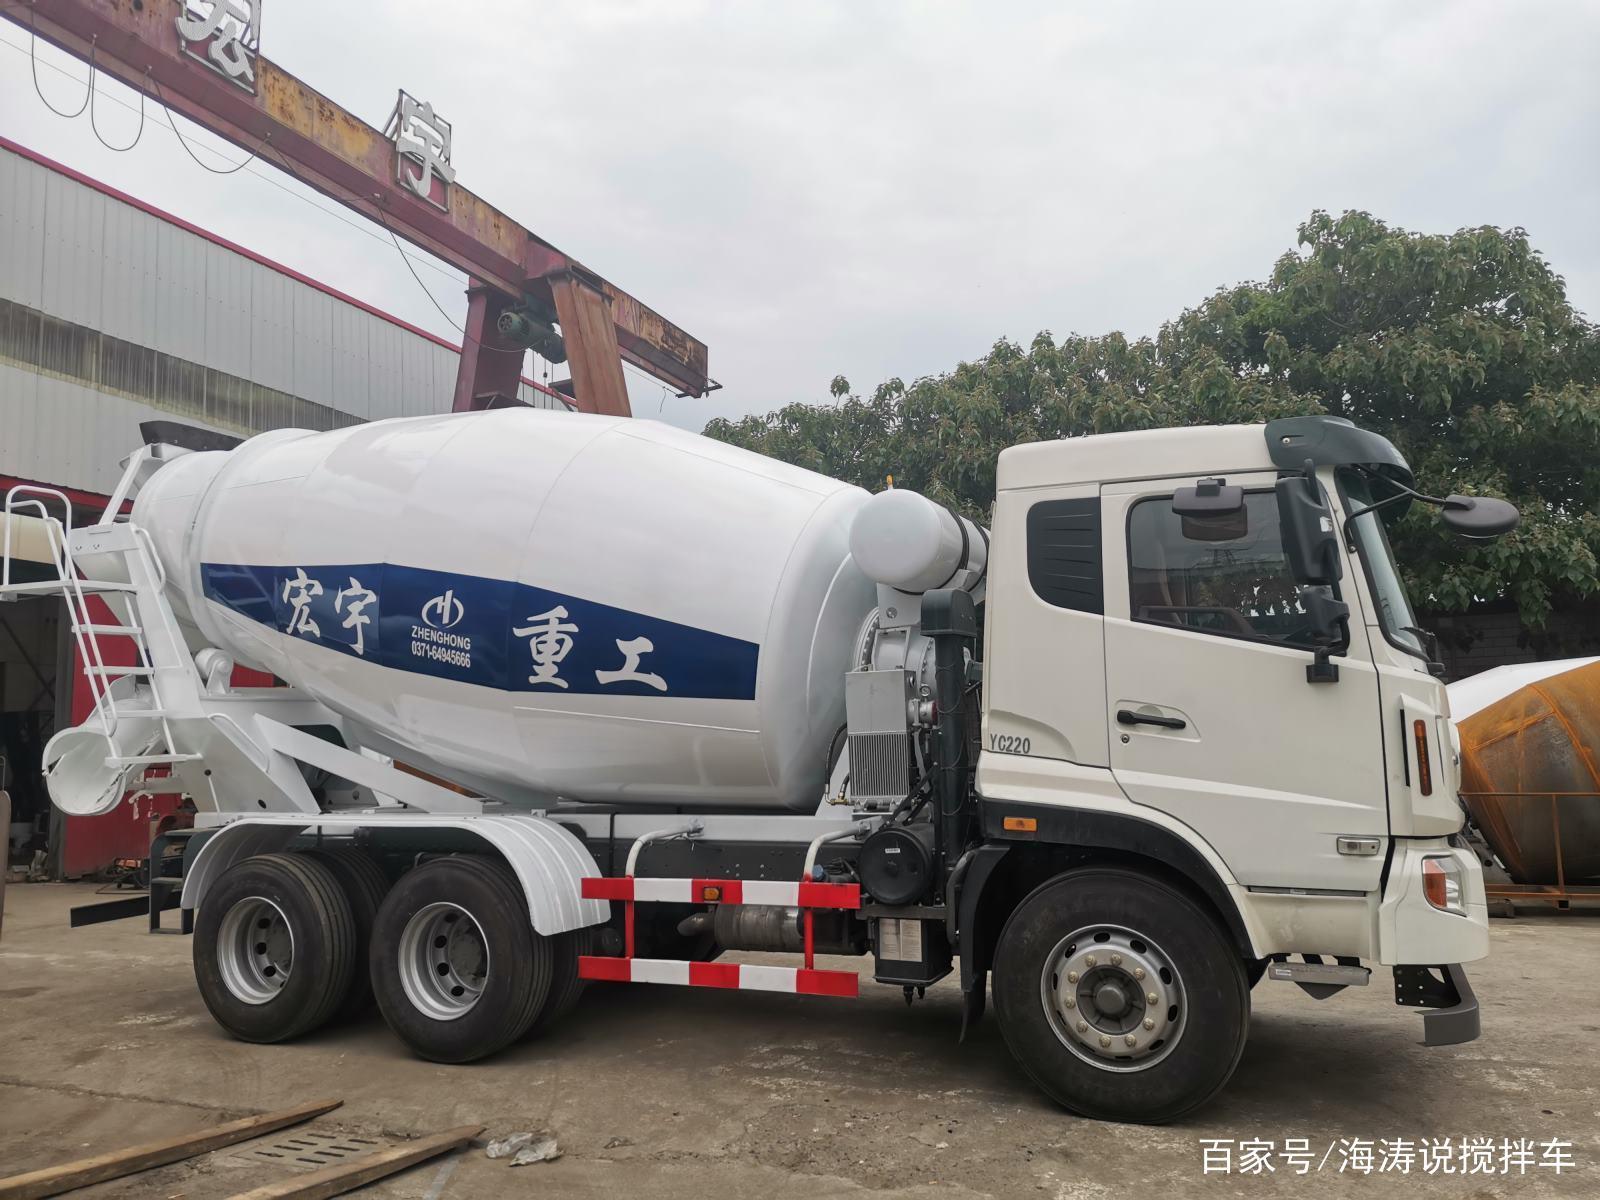 郑州宏宇重工搅拌车|小型搅拌车为什么大多都是白色?(图2)